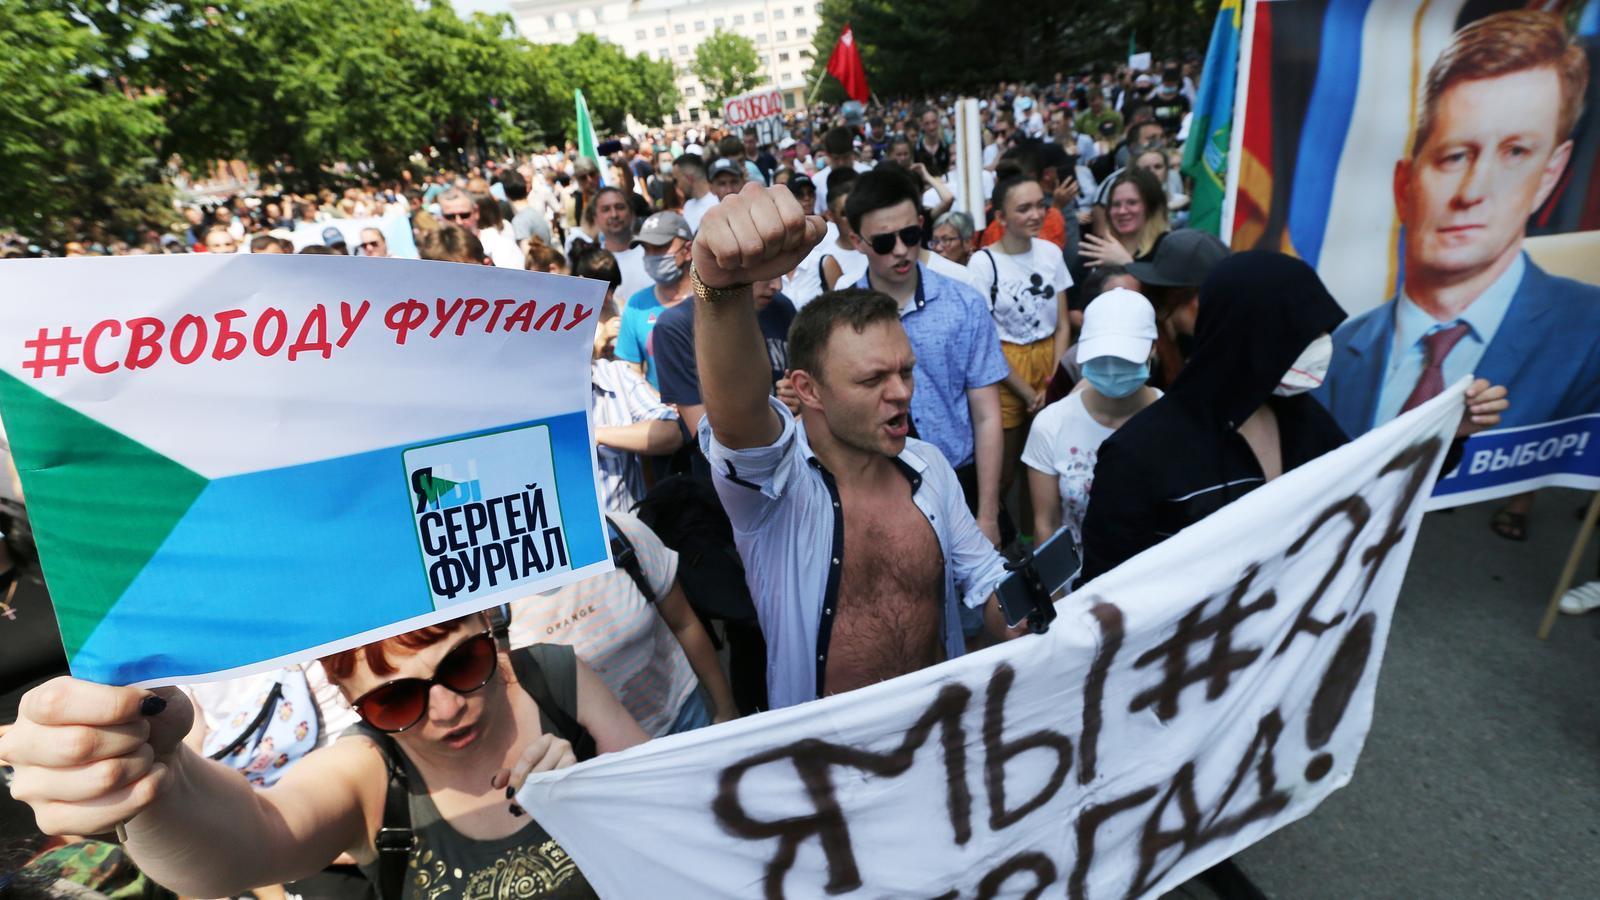 Moscou deté un governador regional opositor acusat d'ordenar assassinats fa 15 anys